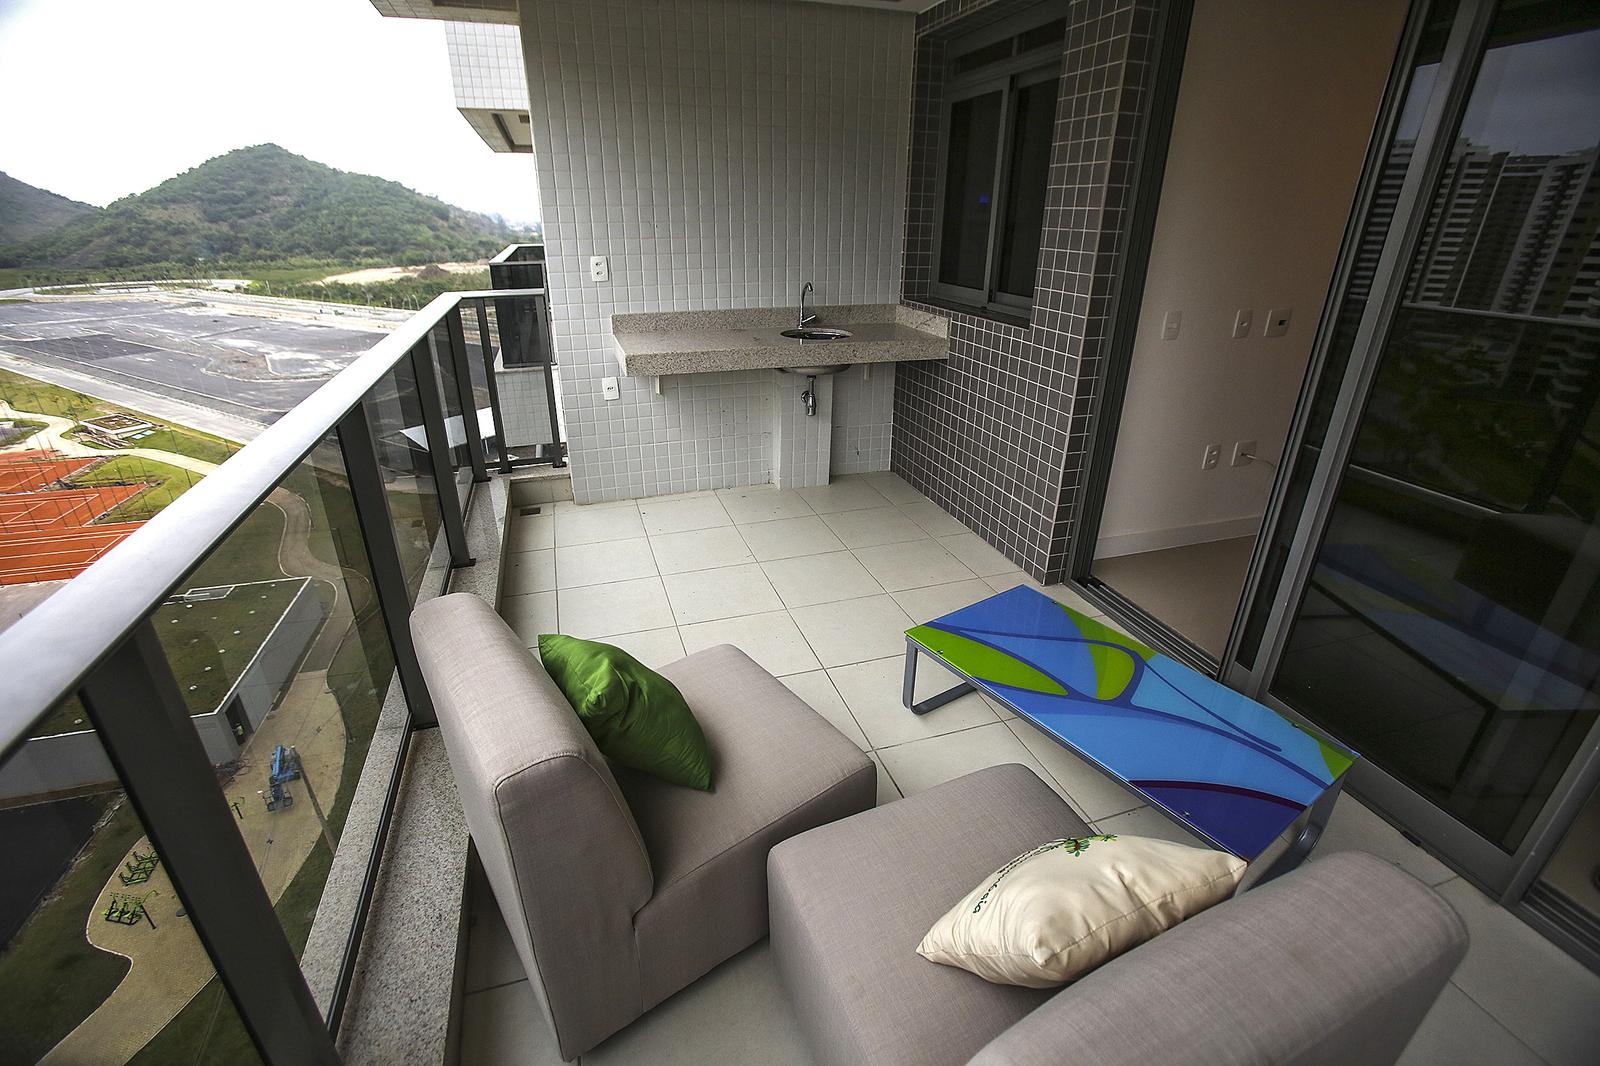 Балкон в апартаментах спортсменов